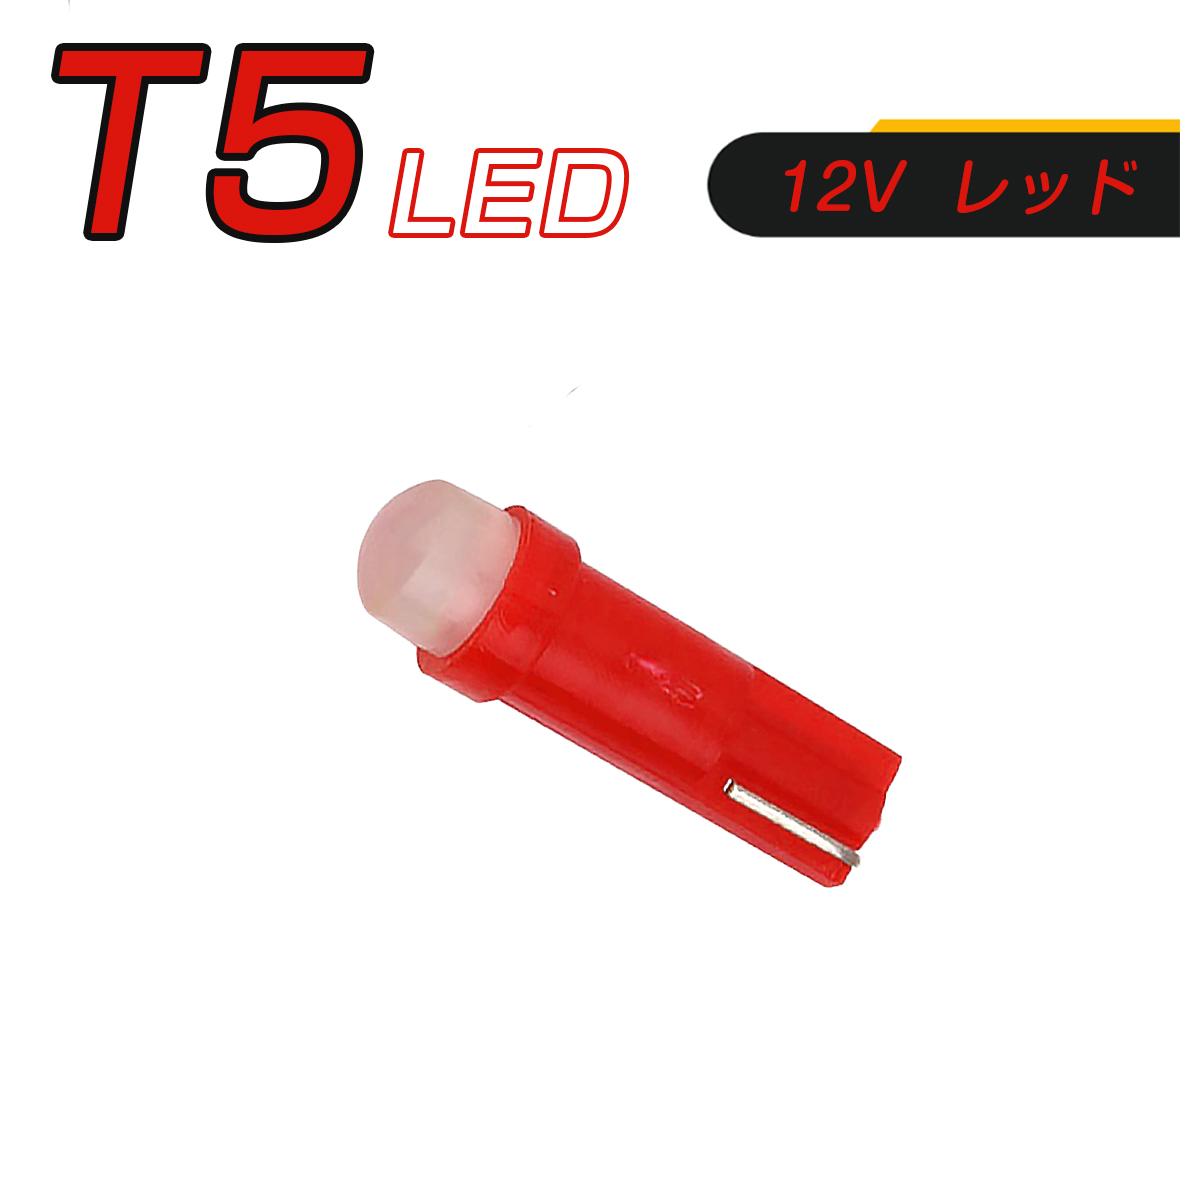 LED T5 赤 SMD メーター球 タコランプ インジケーター エアコンパネル ウェッジ球 2個セット SDM便送料無料 1ヶ月保証